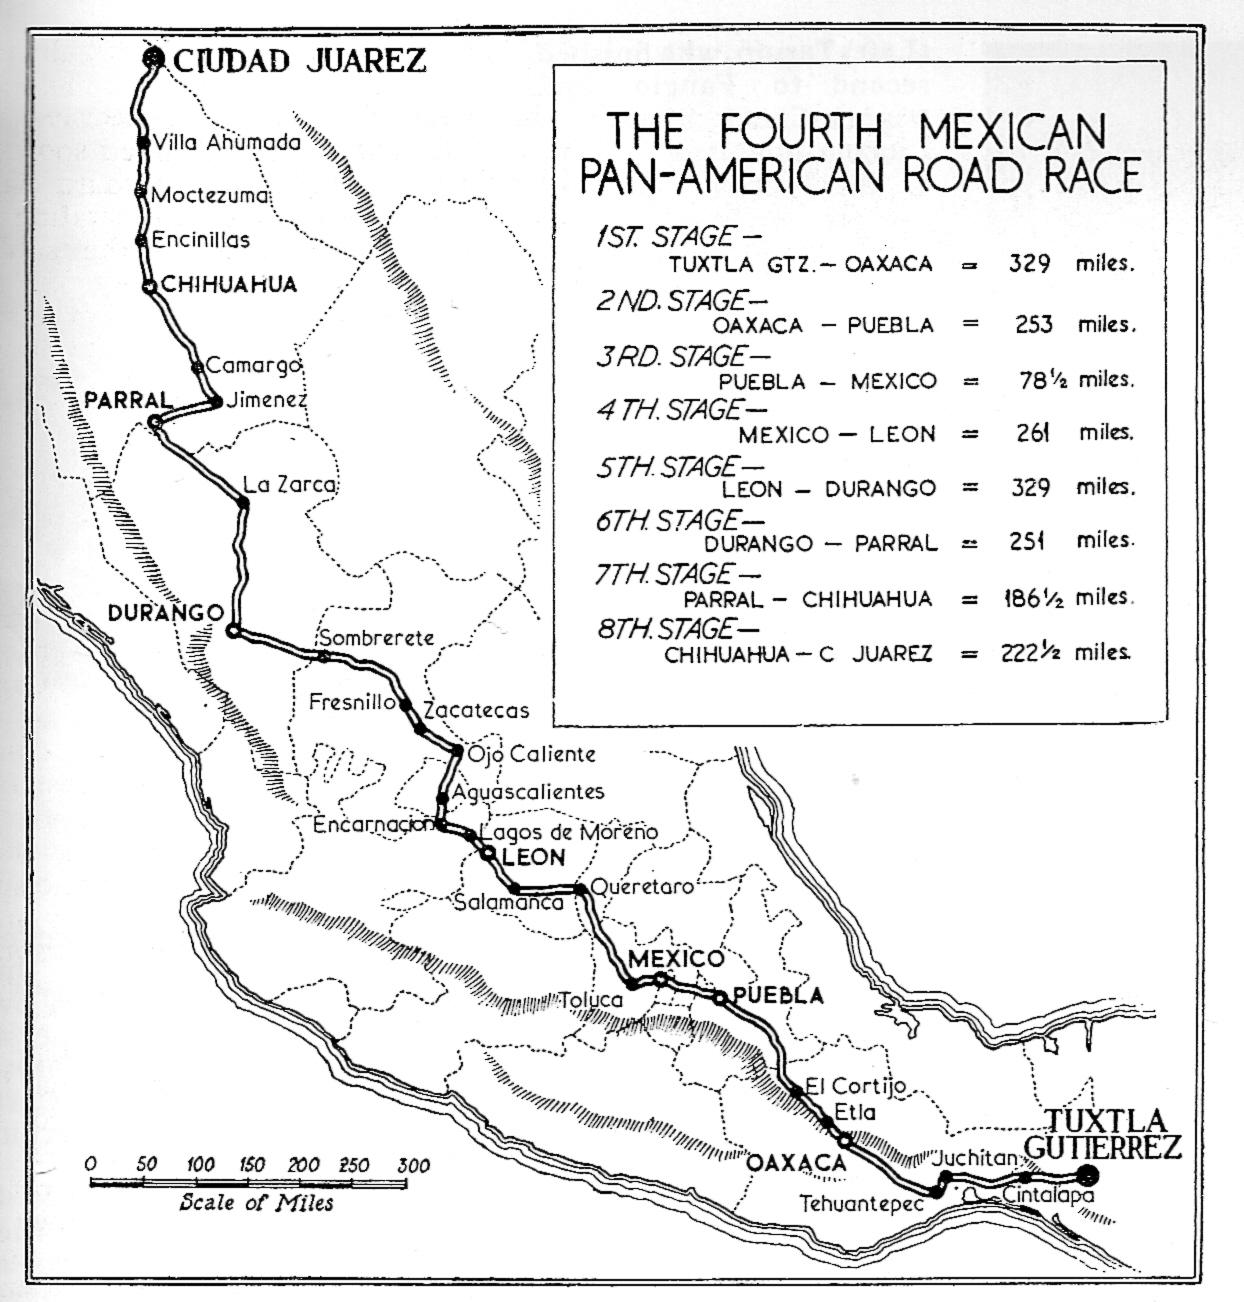 Pan-American Road Race 1953.jpg